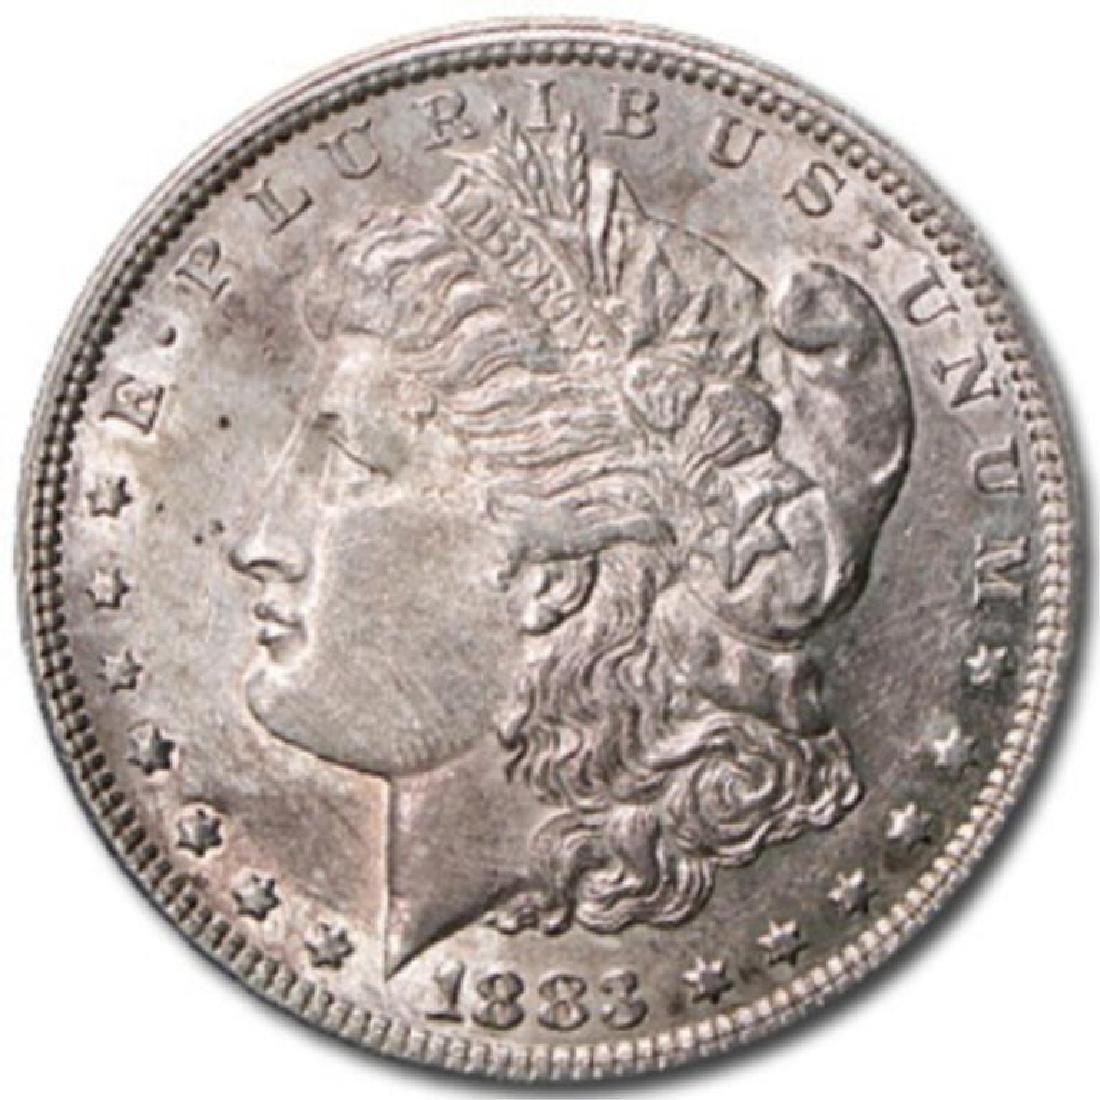 1883 P BU Morgan Dollar